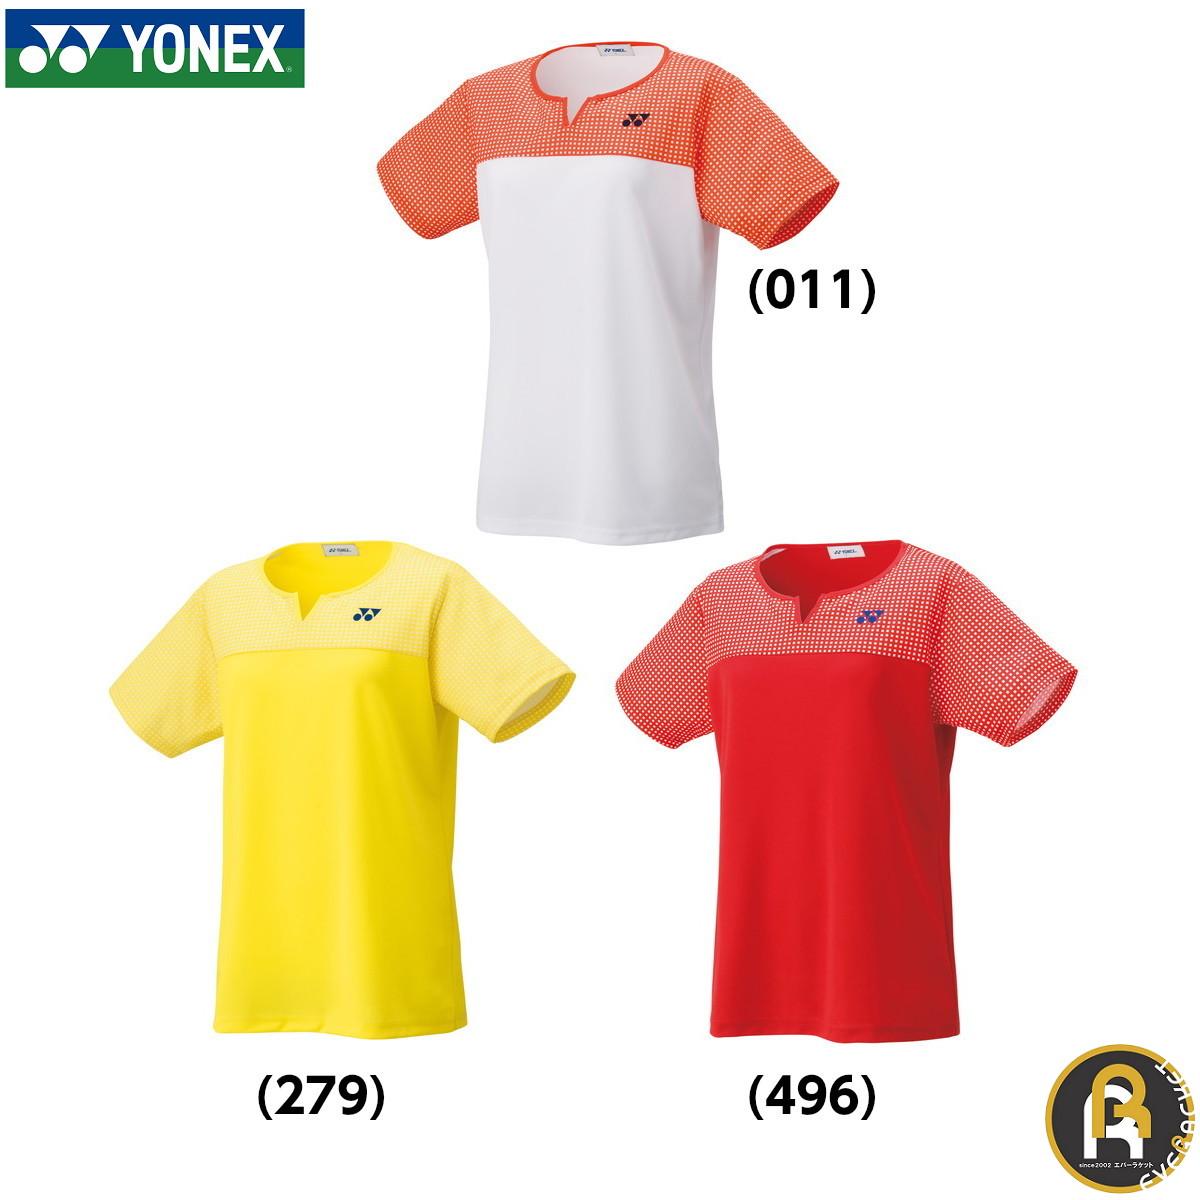 2020年SS YONEX:ウィメンズゲームシャツ ポスト投函送料無料 ヨネックス YONEX ウィメンズゲームシャツ 20541 超人気 専門店 ソフトテニス バドミントン ウエア 国際ブランド